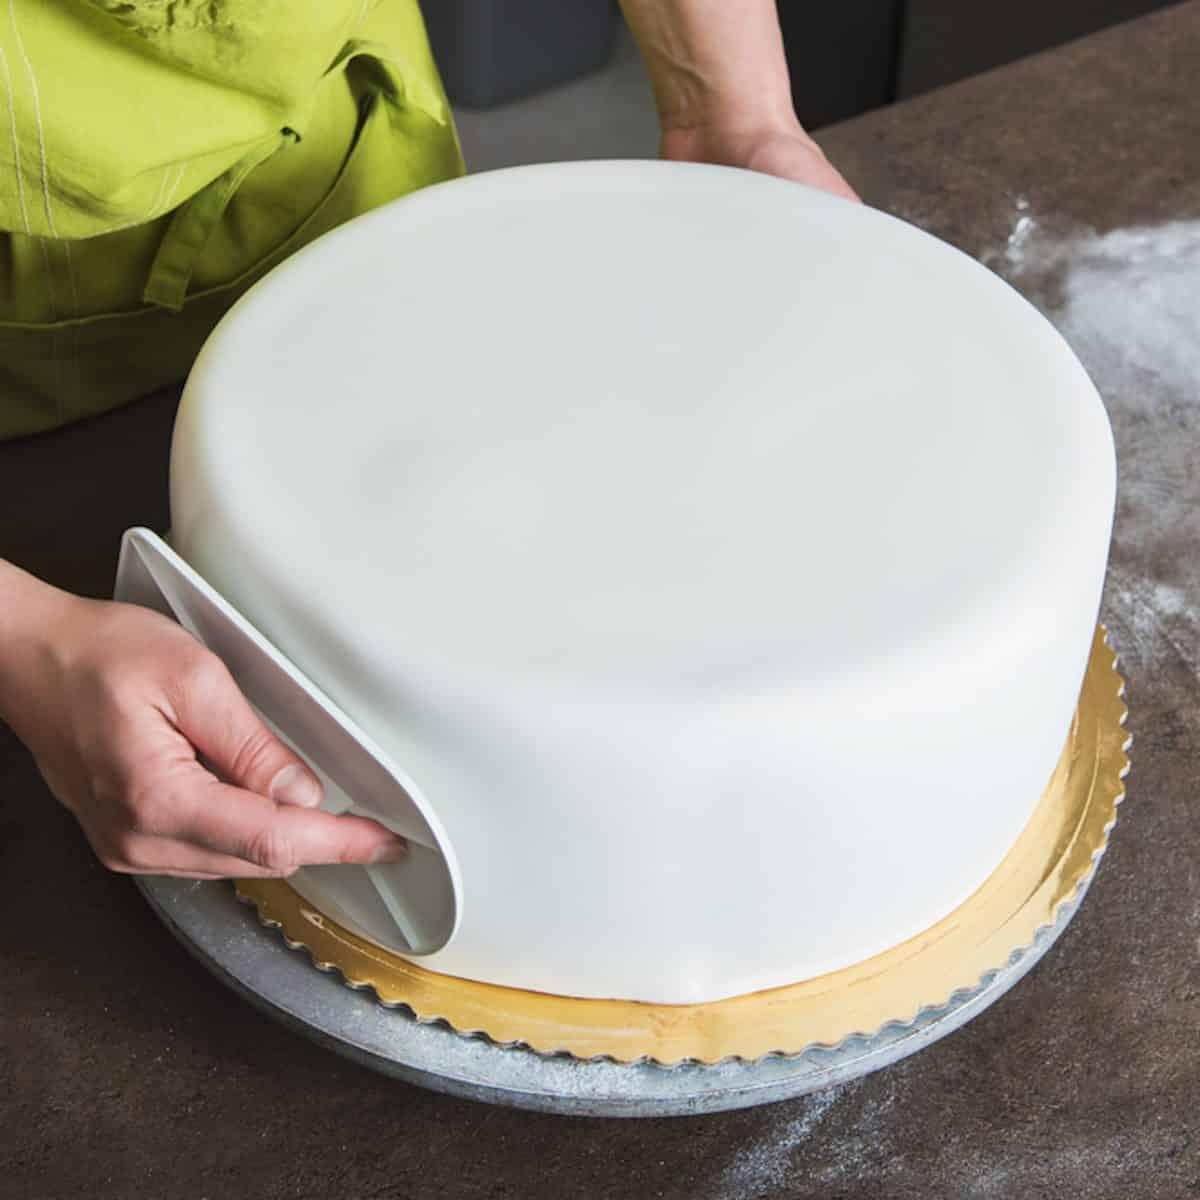 panadero de la torta de la pasta de azúcar